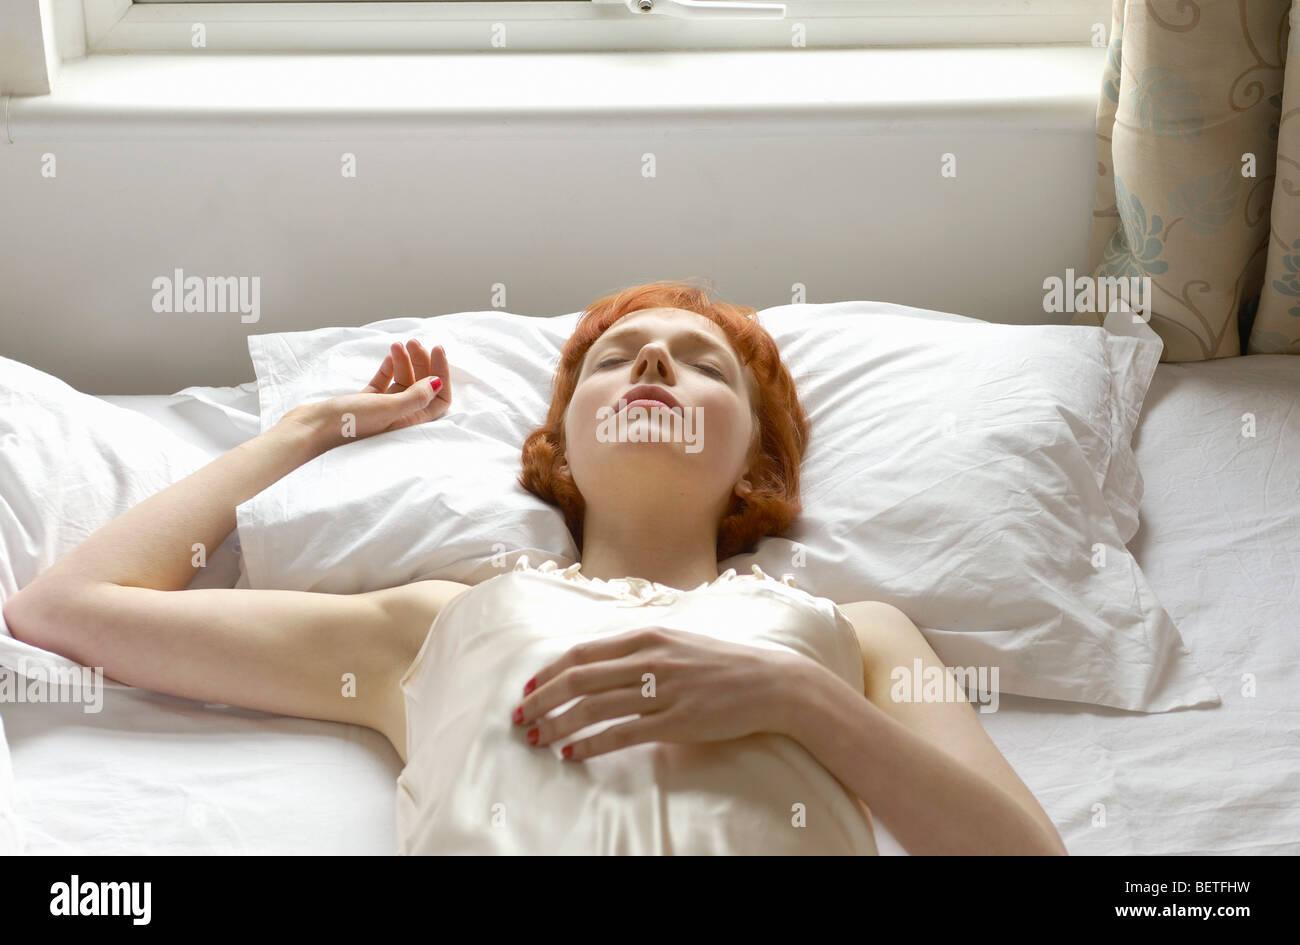 Mujer durmiendo en cama Imagen De Stock